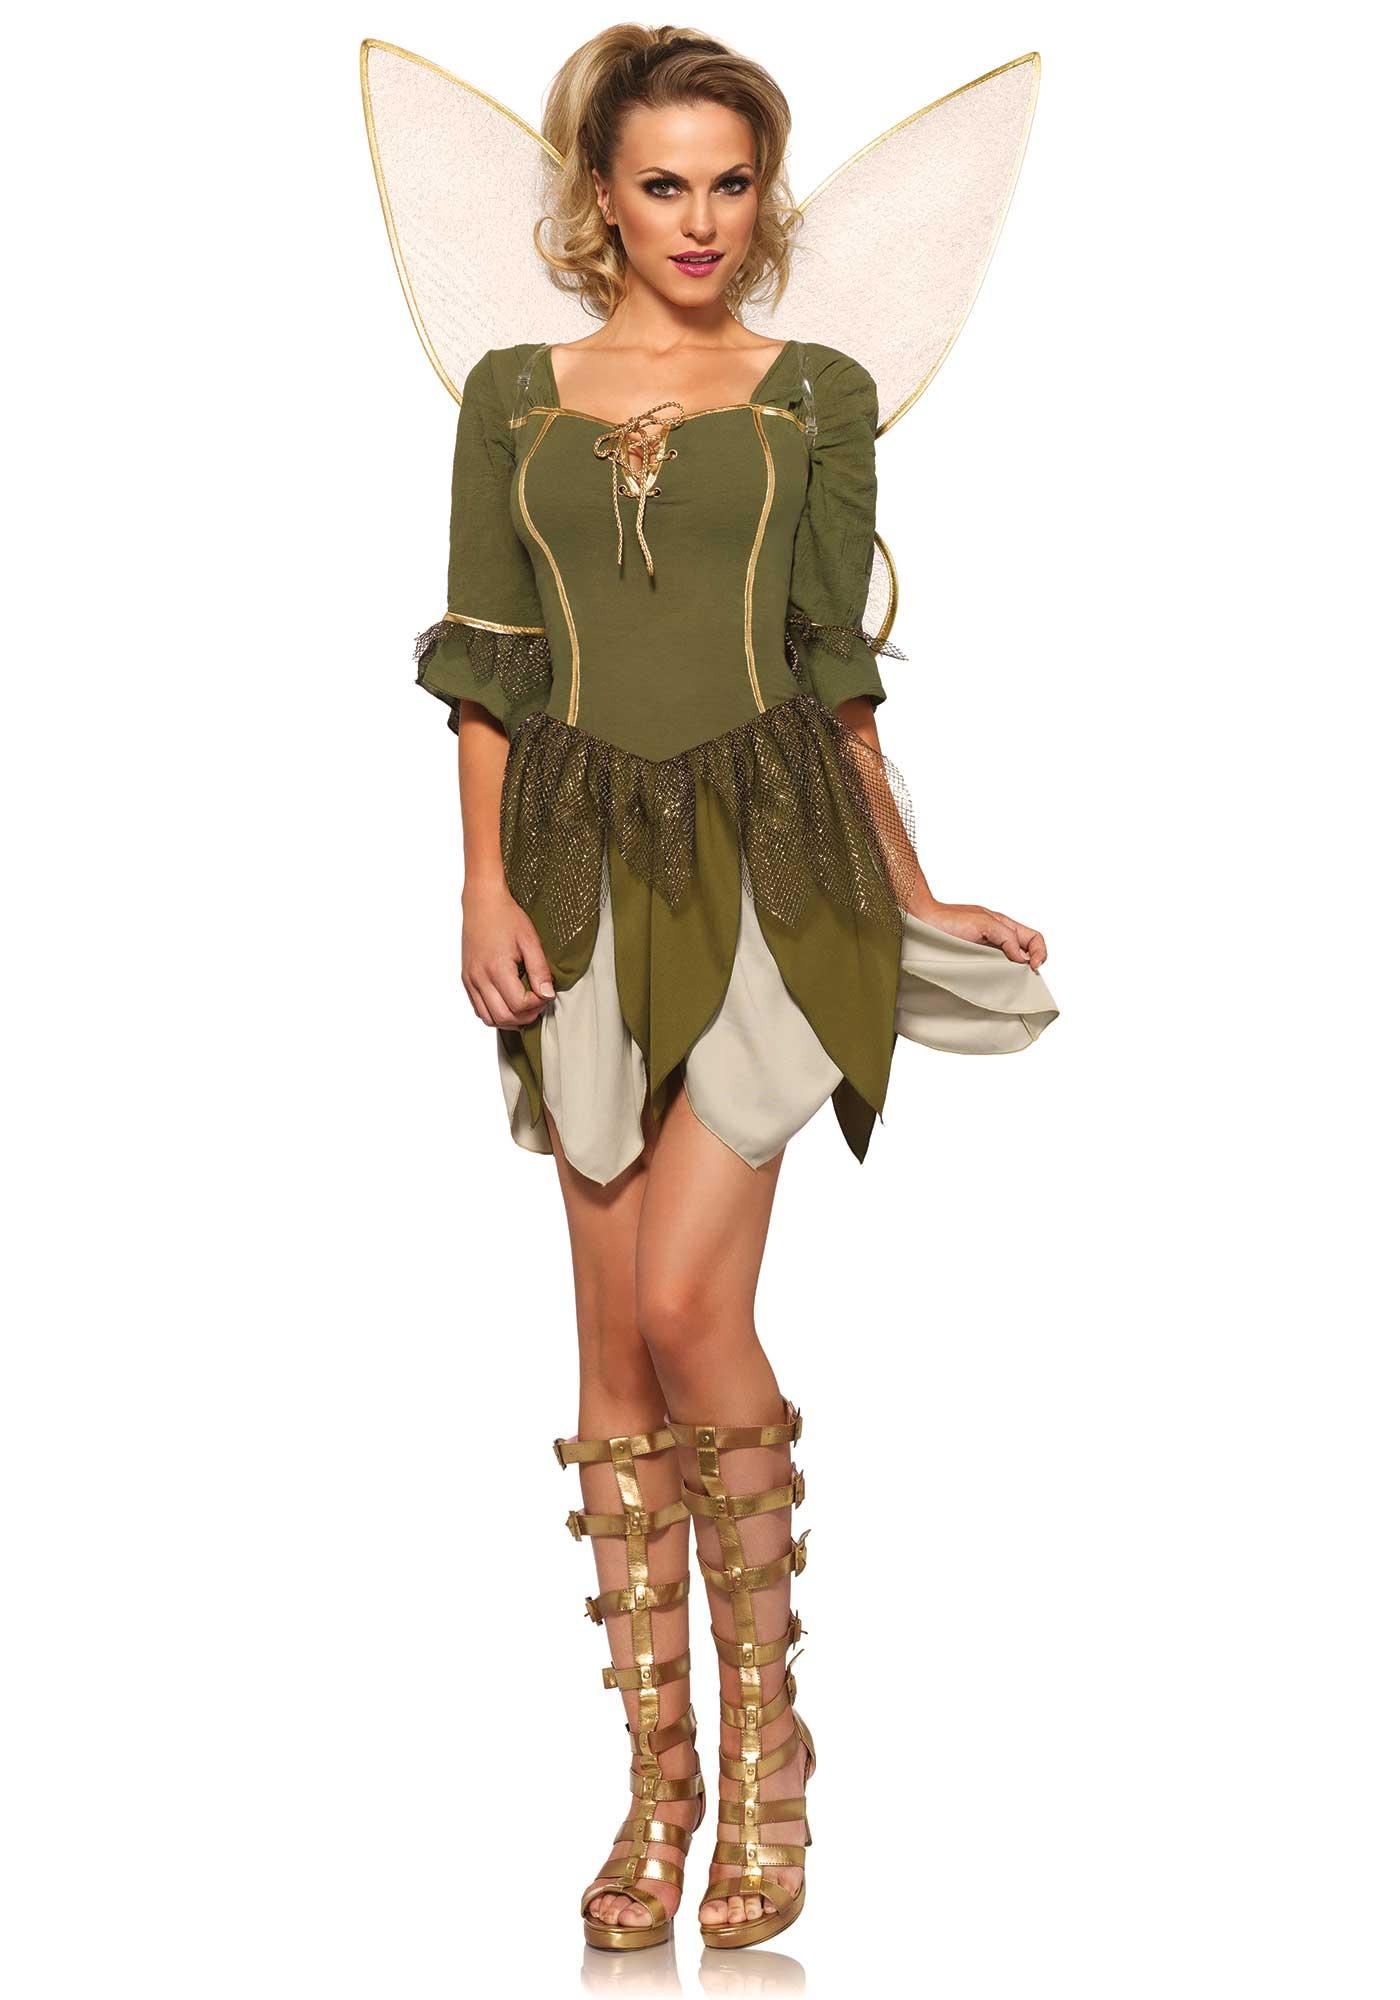 Travestimento fata dei boschi donna  Costumi adulti fe4bd7c5291